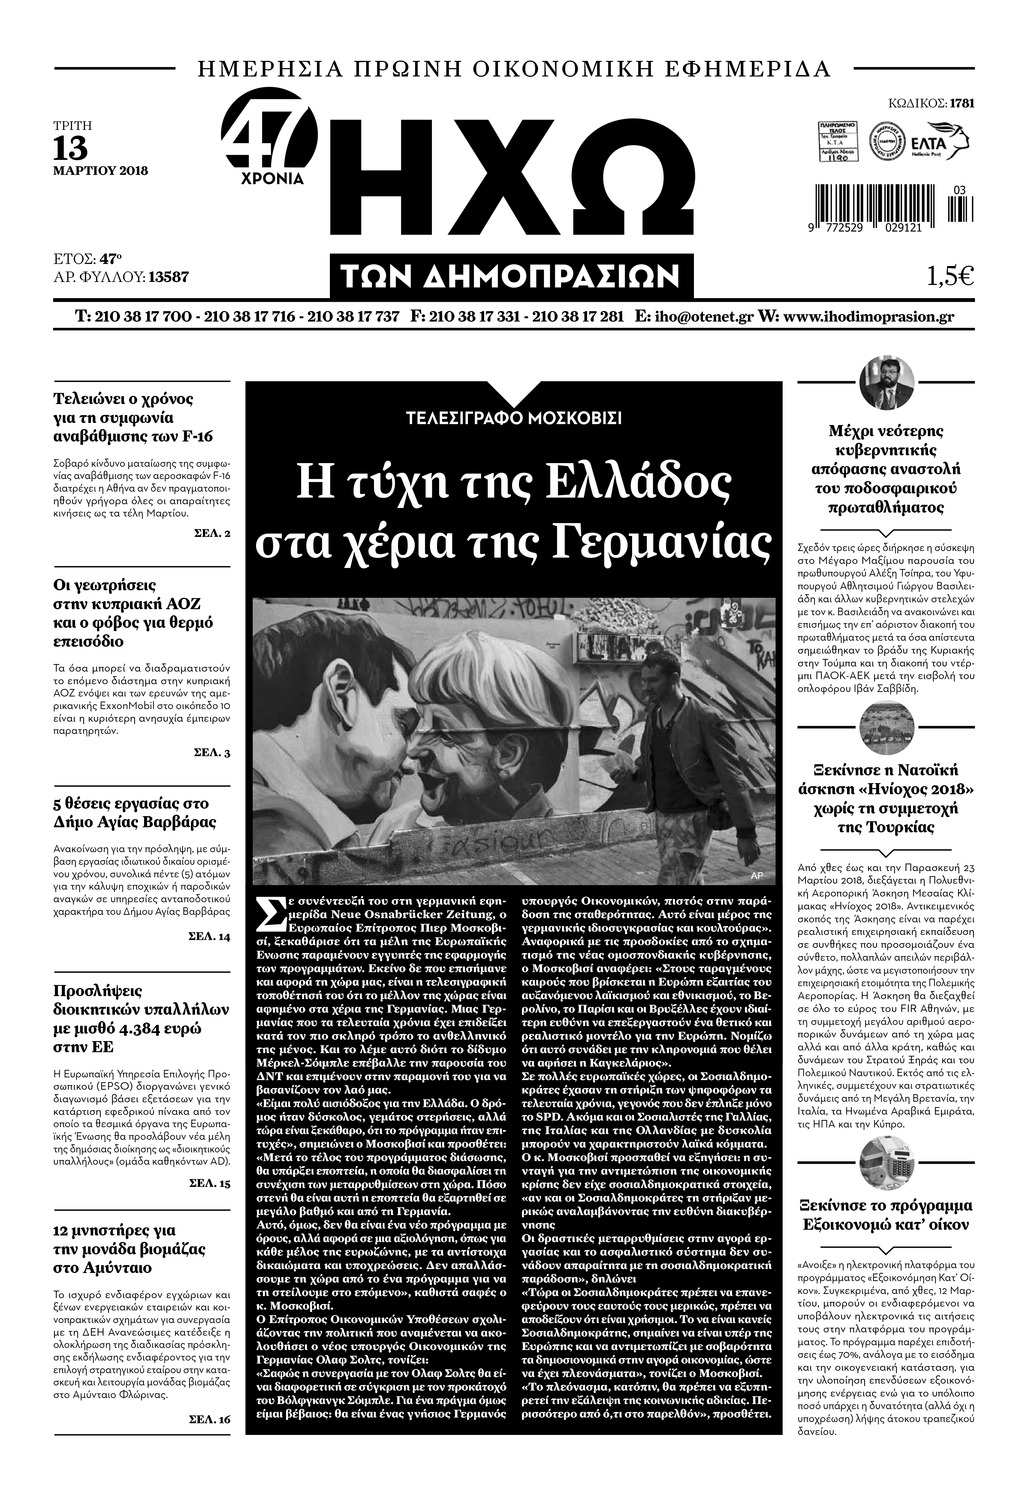 Πρωτοσέλιδο εφημερίδας Ηχώ